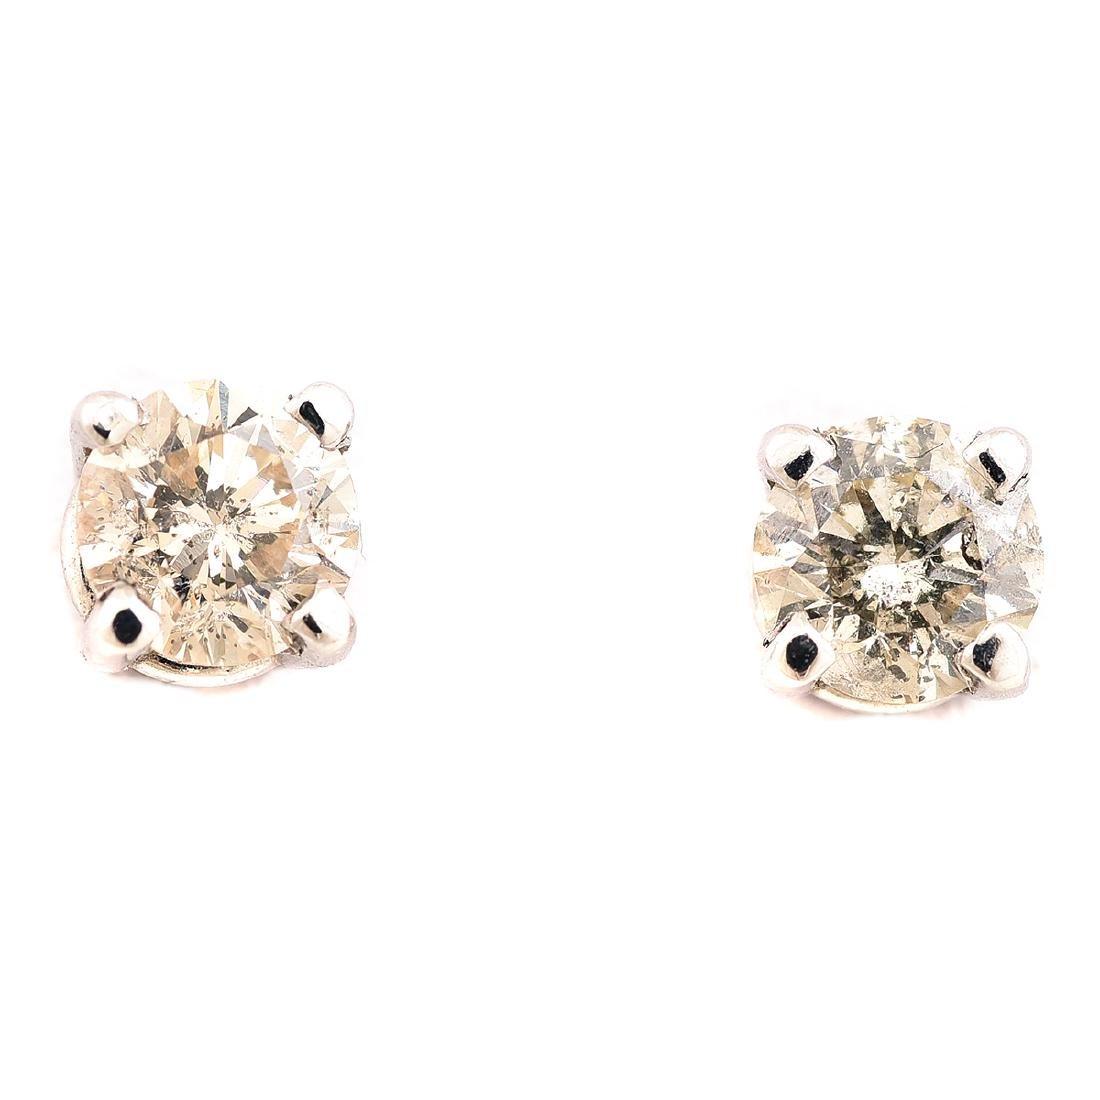 Pair of Diamond, 14k White Gold Stud Earrings.